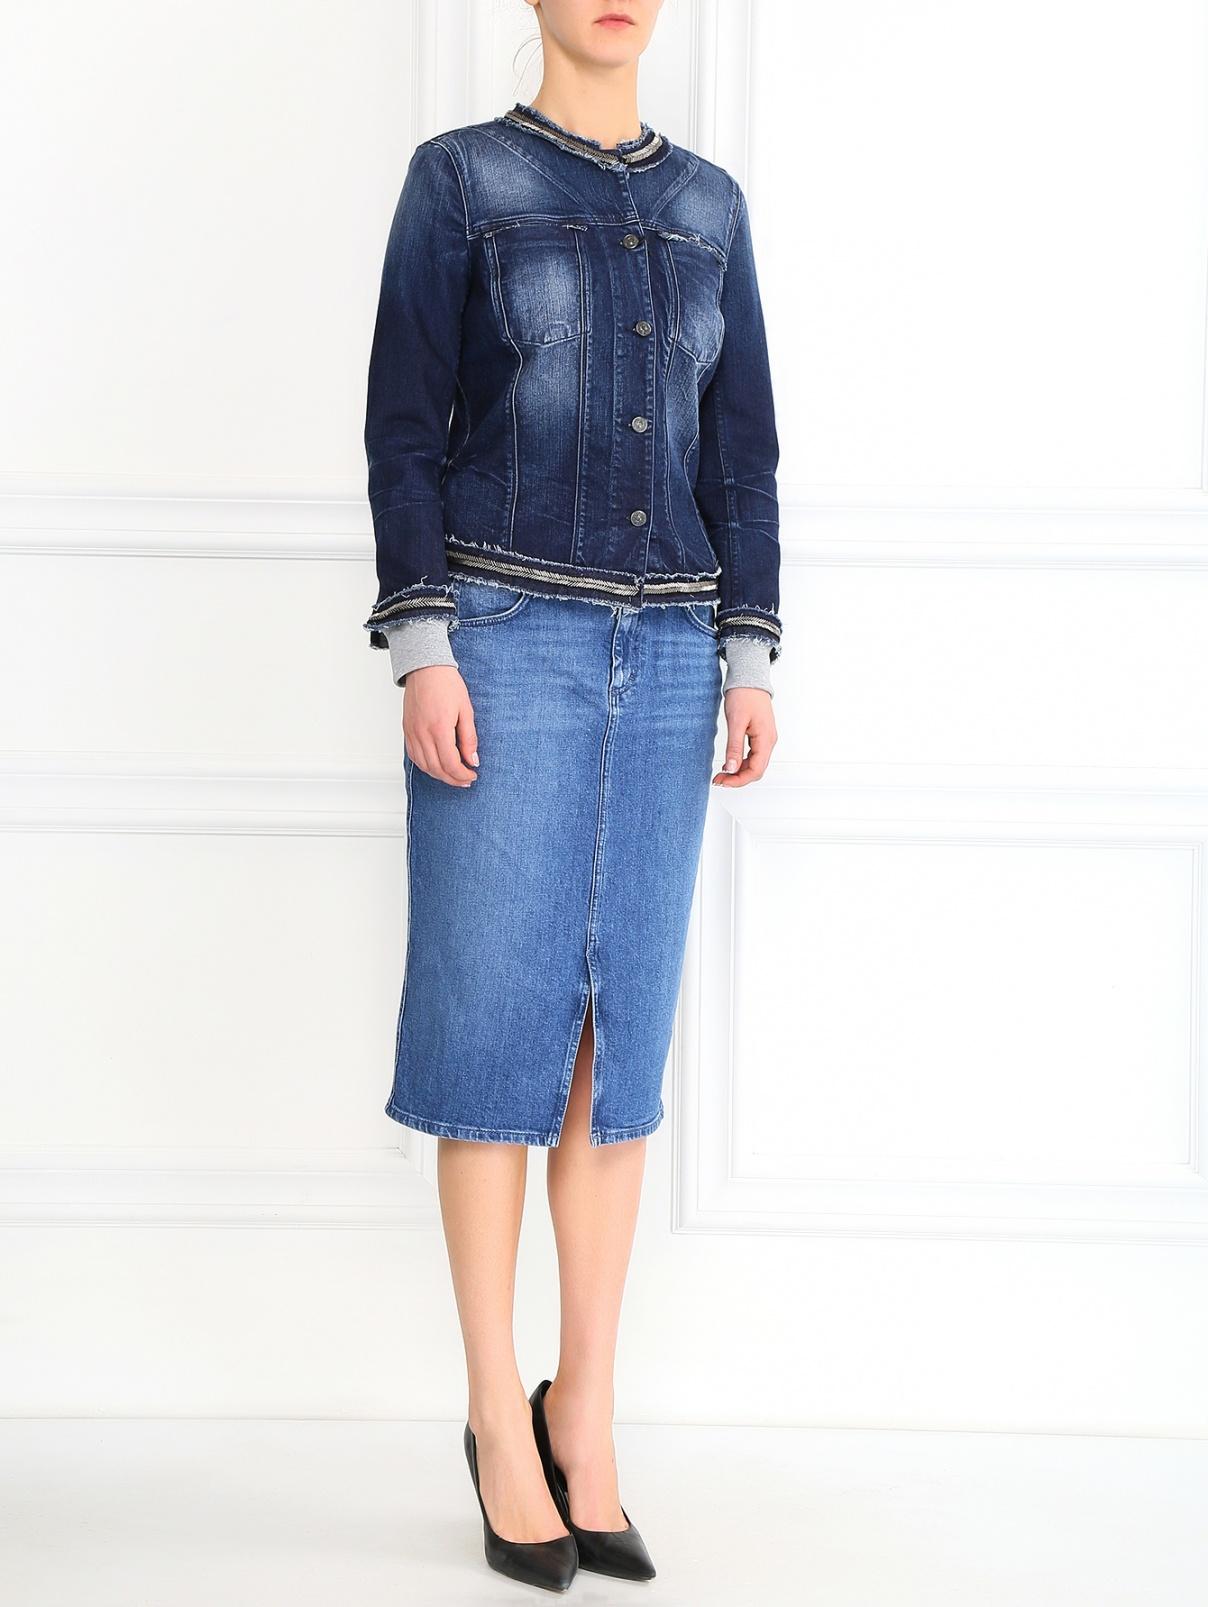 Джинсовая куртка декорированная стеклярусом 7 For All Mankind  –  Модель Общий вид  – Цвет:  Синий